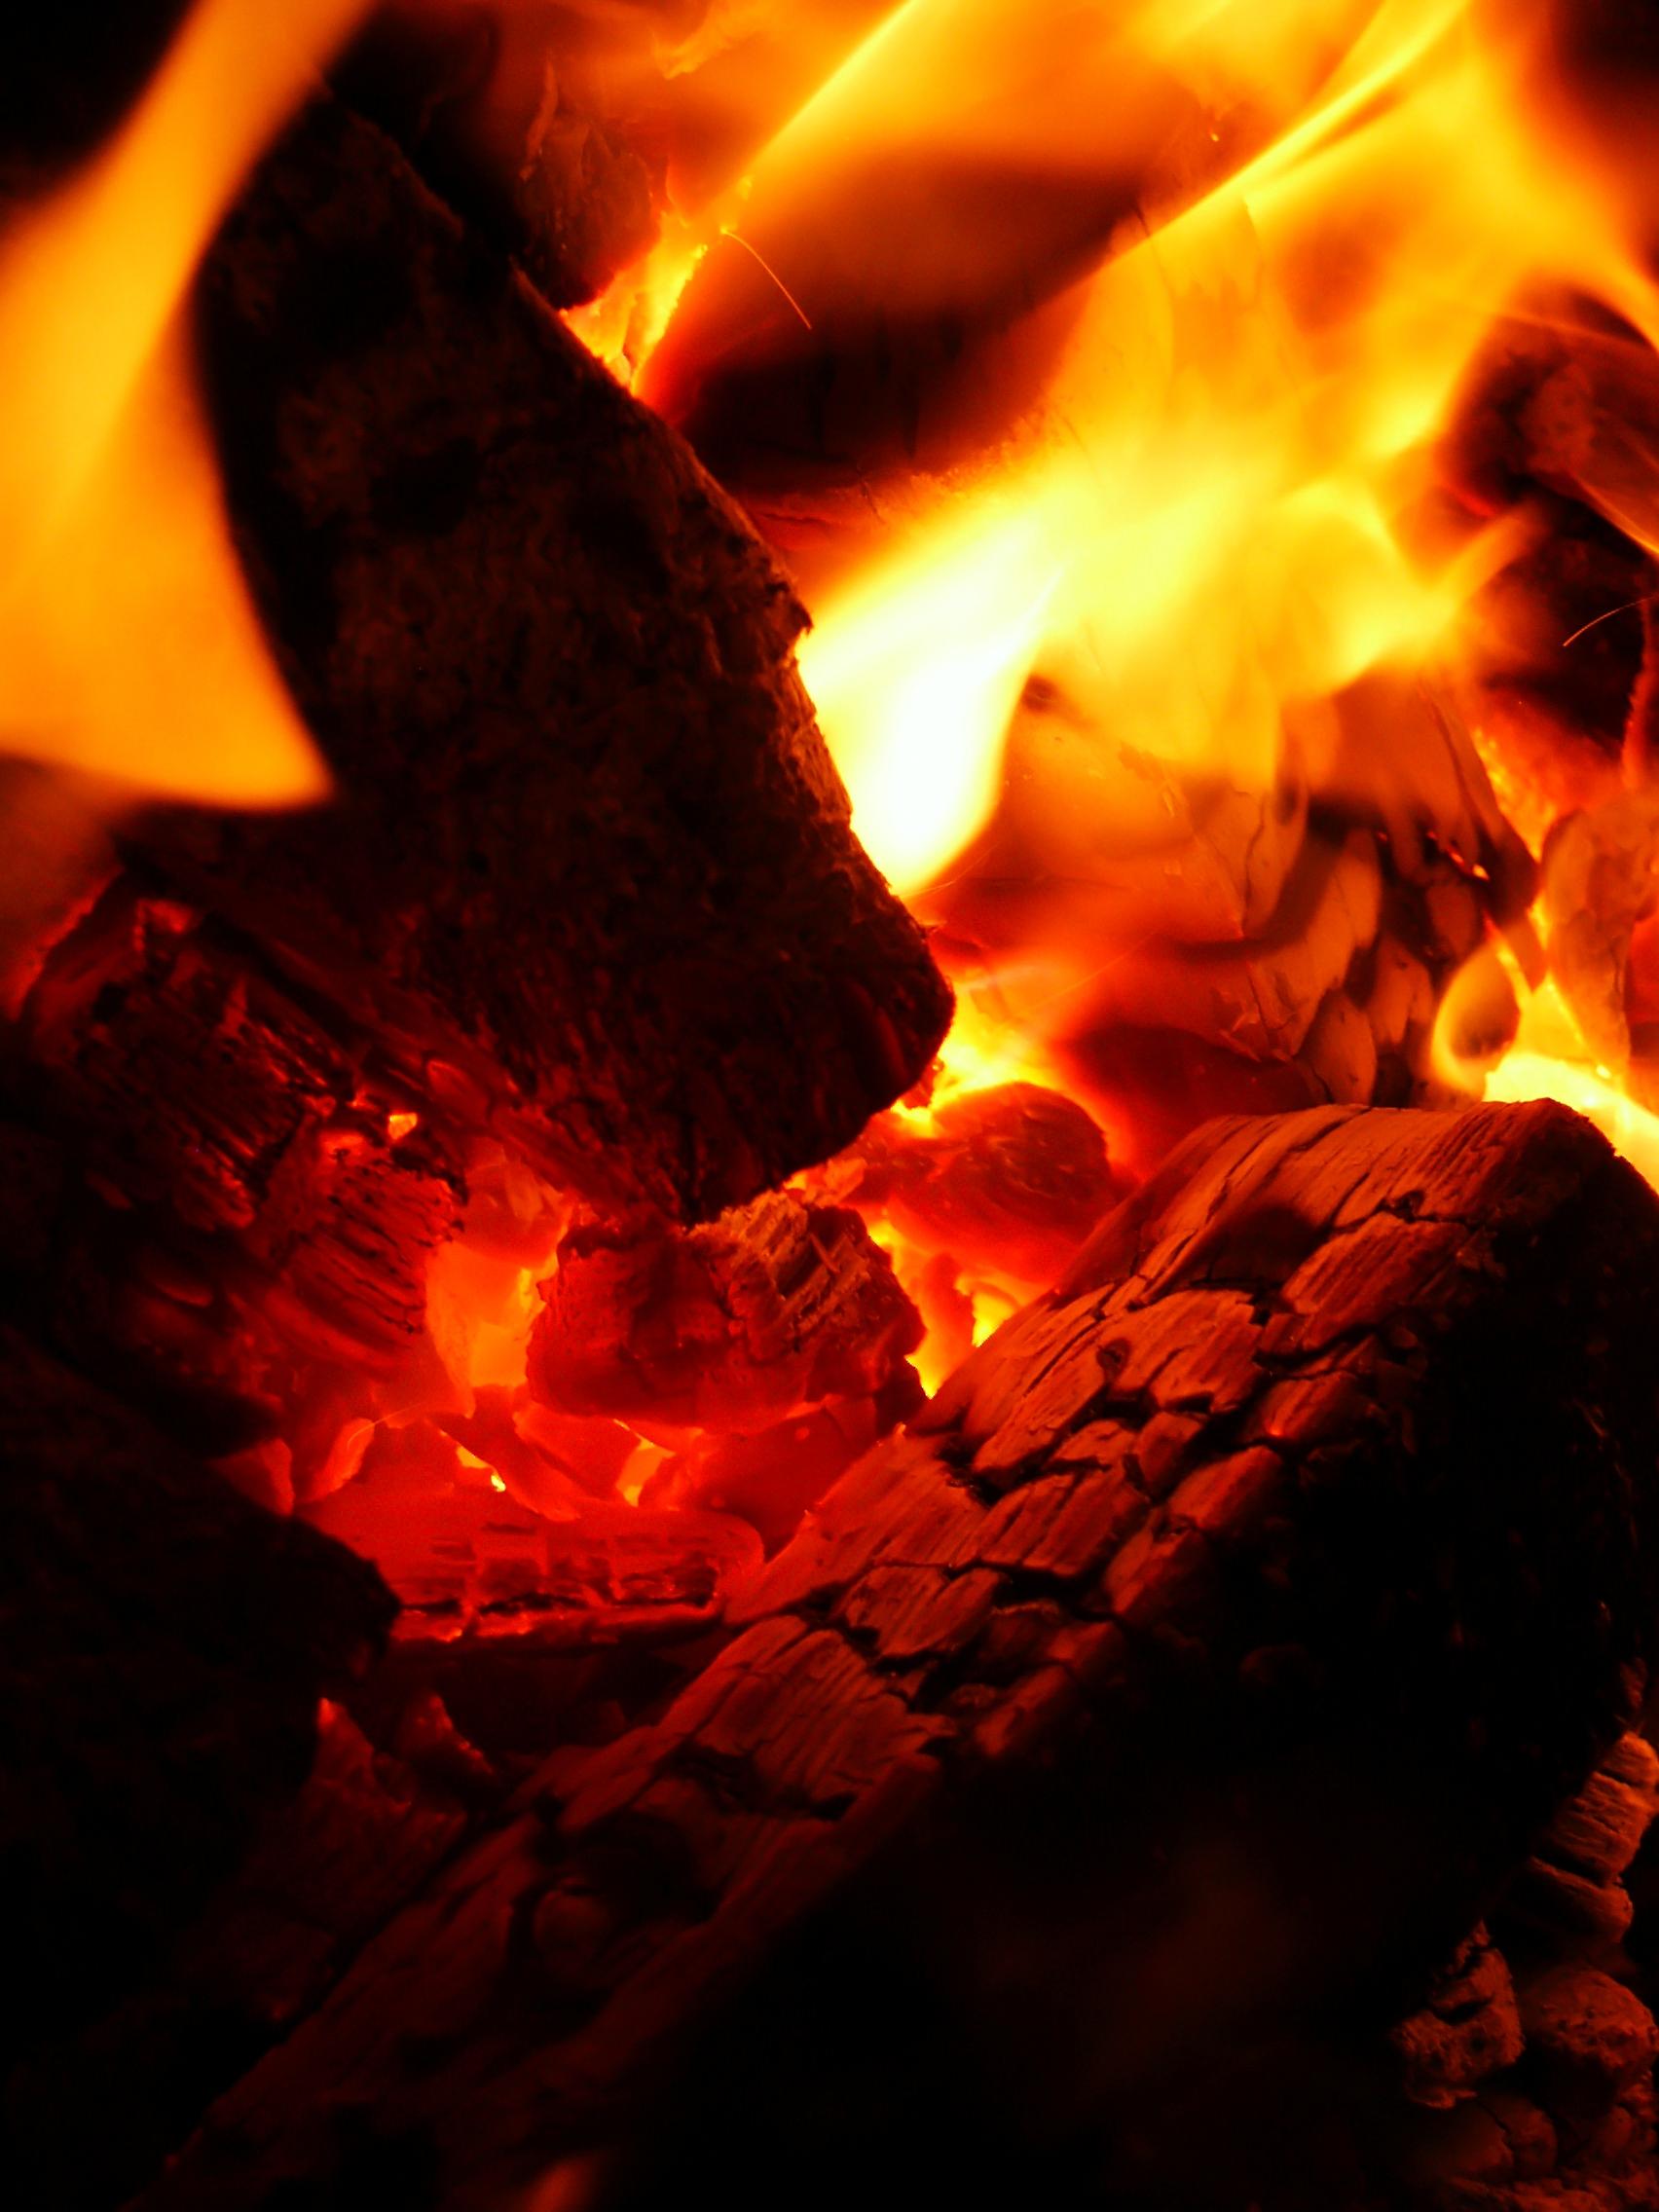 Fuego de combustion lenta Chimeneas de Colombia